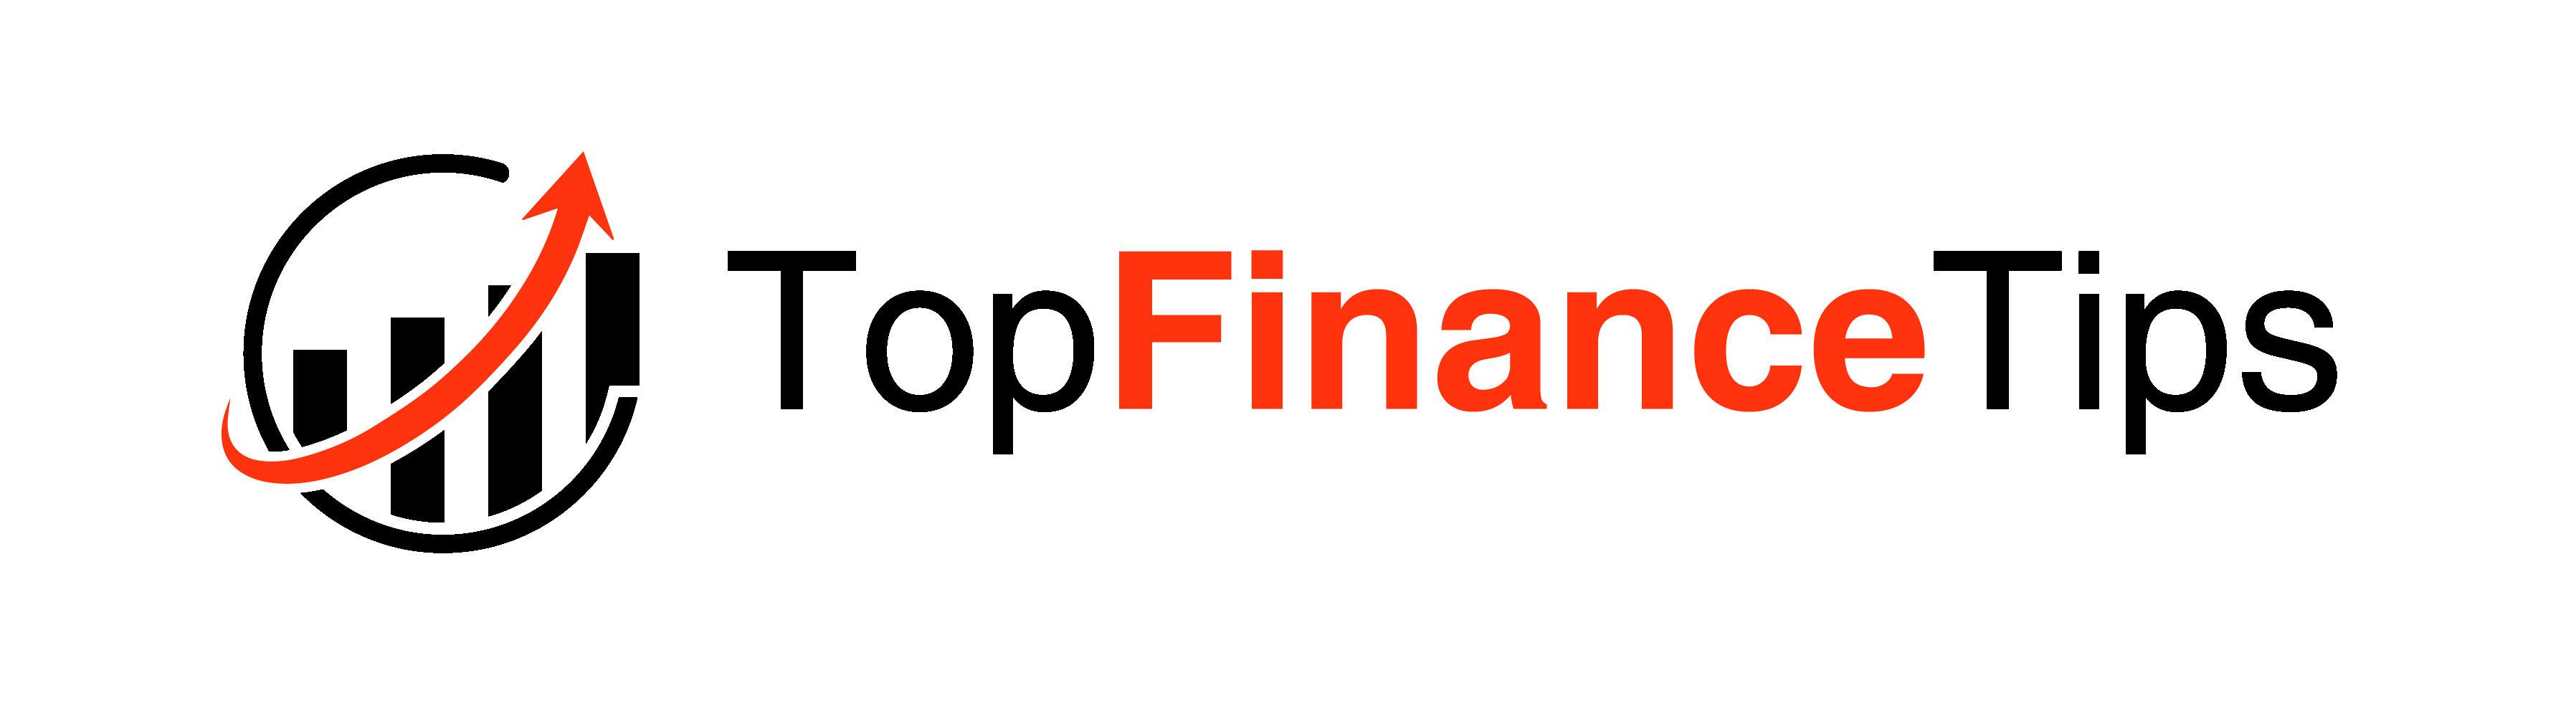 TopFinanceTips.com